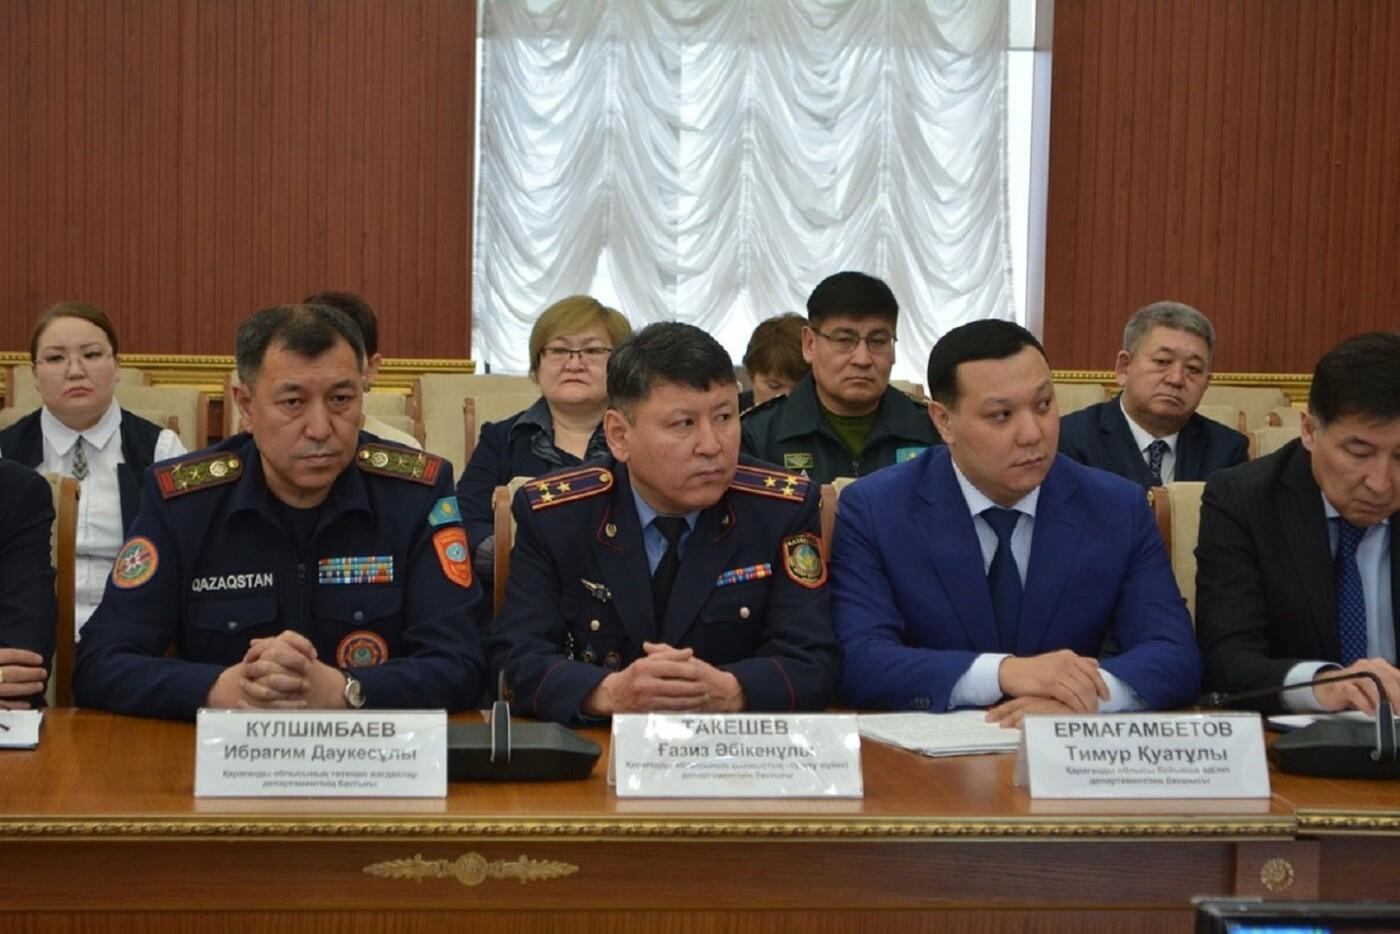 Нового начальника ДУИС представили в Карагандинской области, фото-1